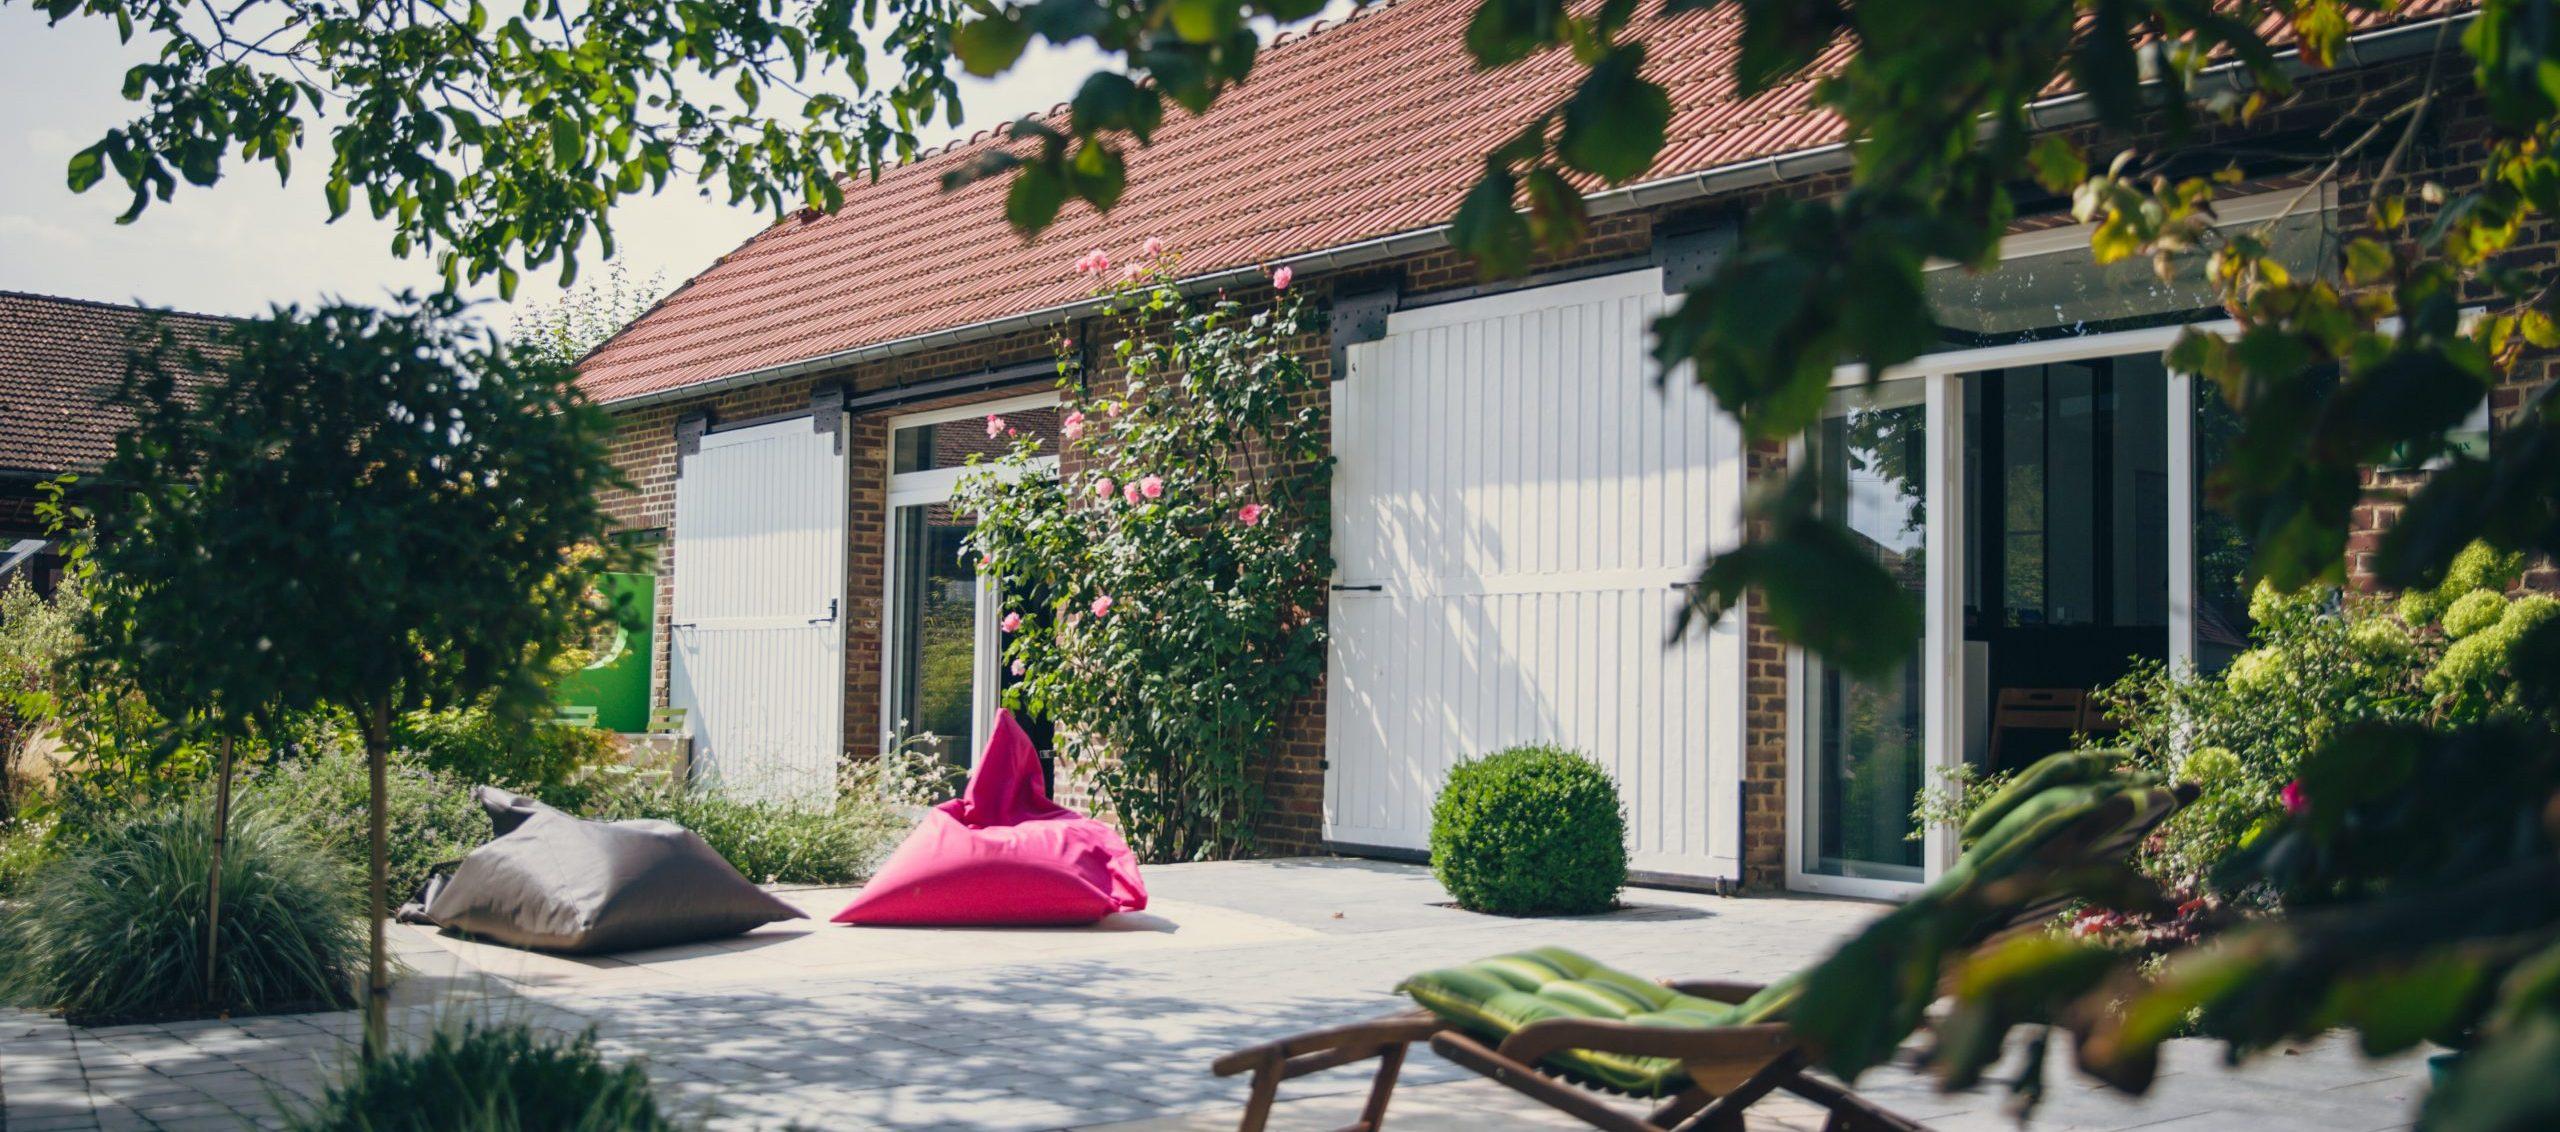 Colver créateur jardin paysagiste noyon oise compiègne exposition show room accueil